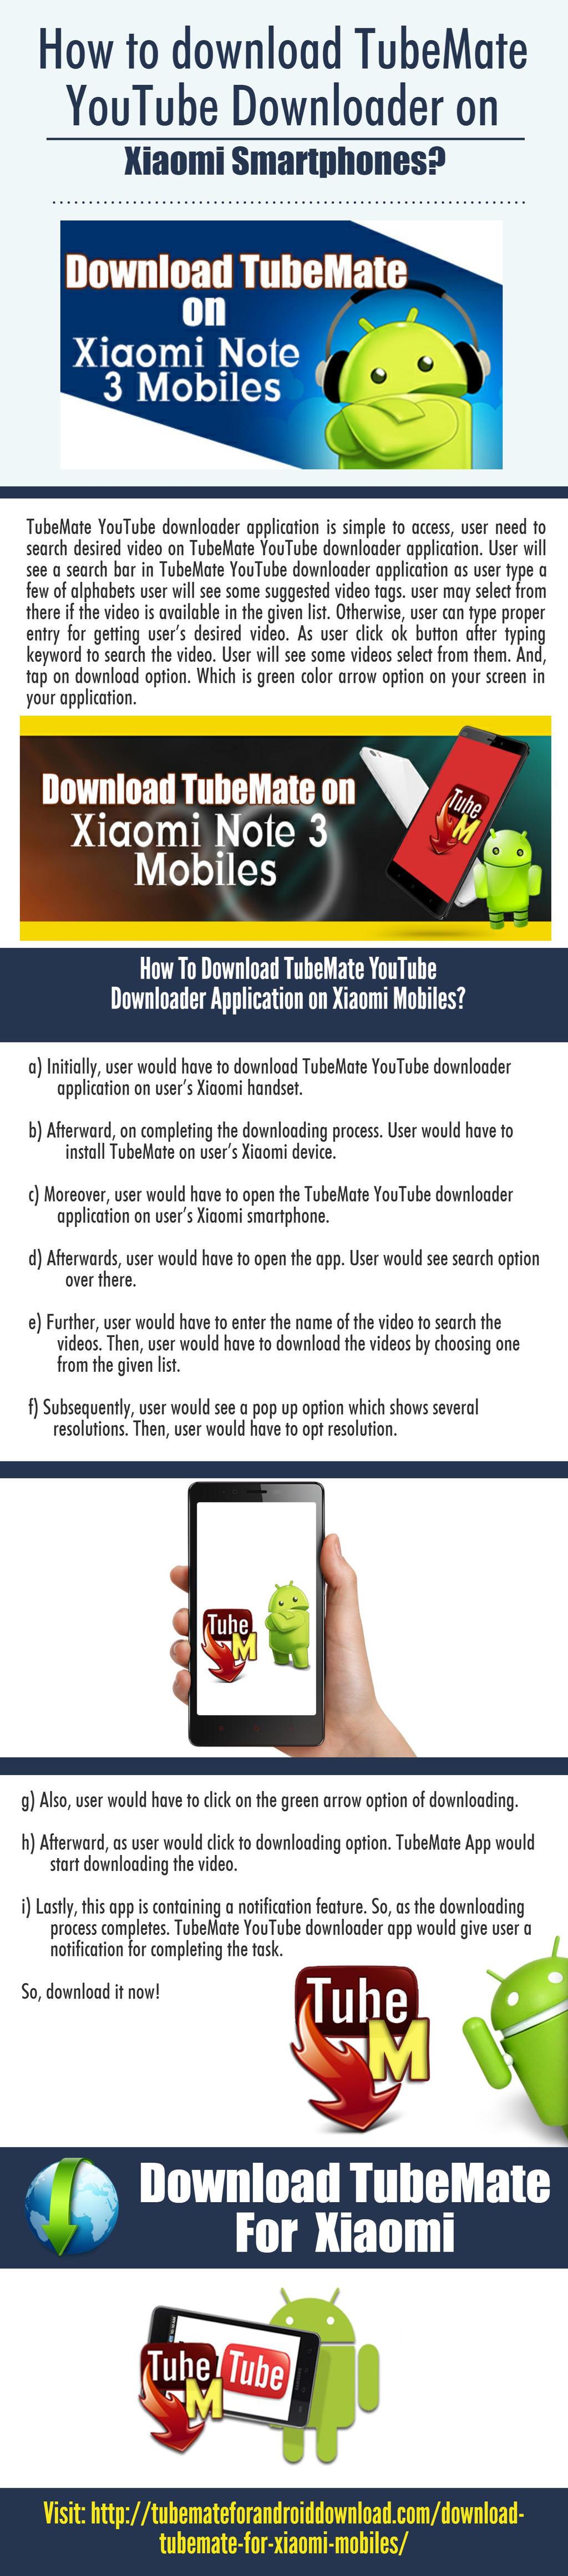 how to download tubemate youtube downloader by kacikurtz on deviantart. Black Bedroom Furniture Sets. Home Design Ideas